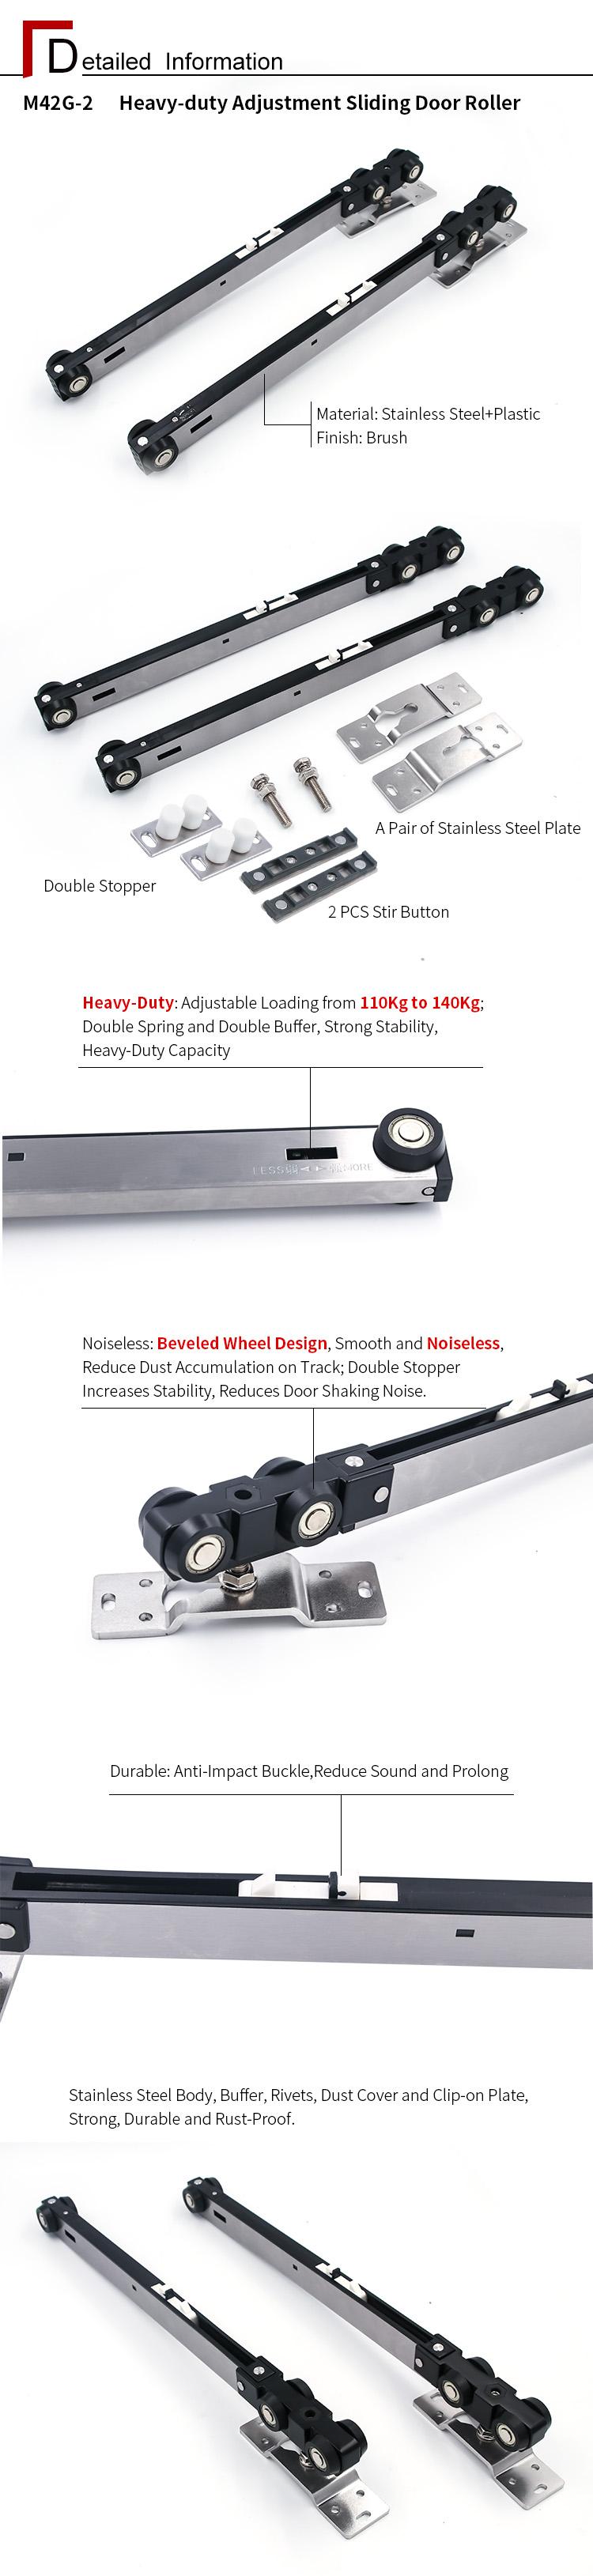 Heavy-duty Adjustment Sliding Door Roller